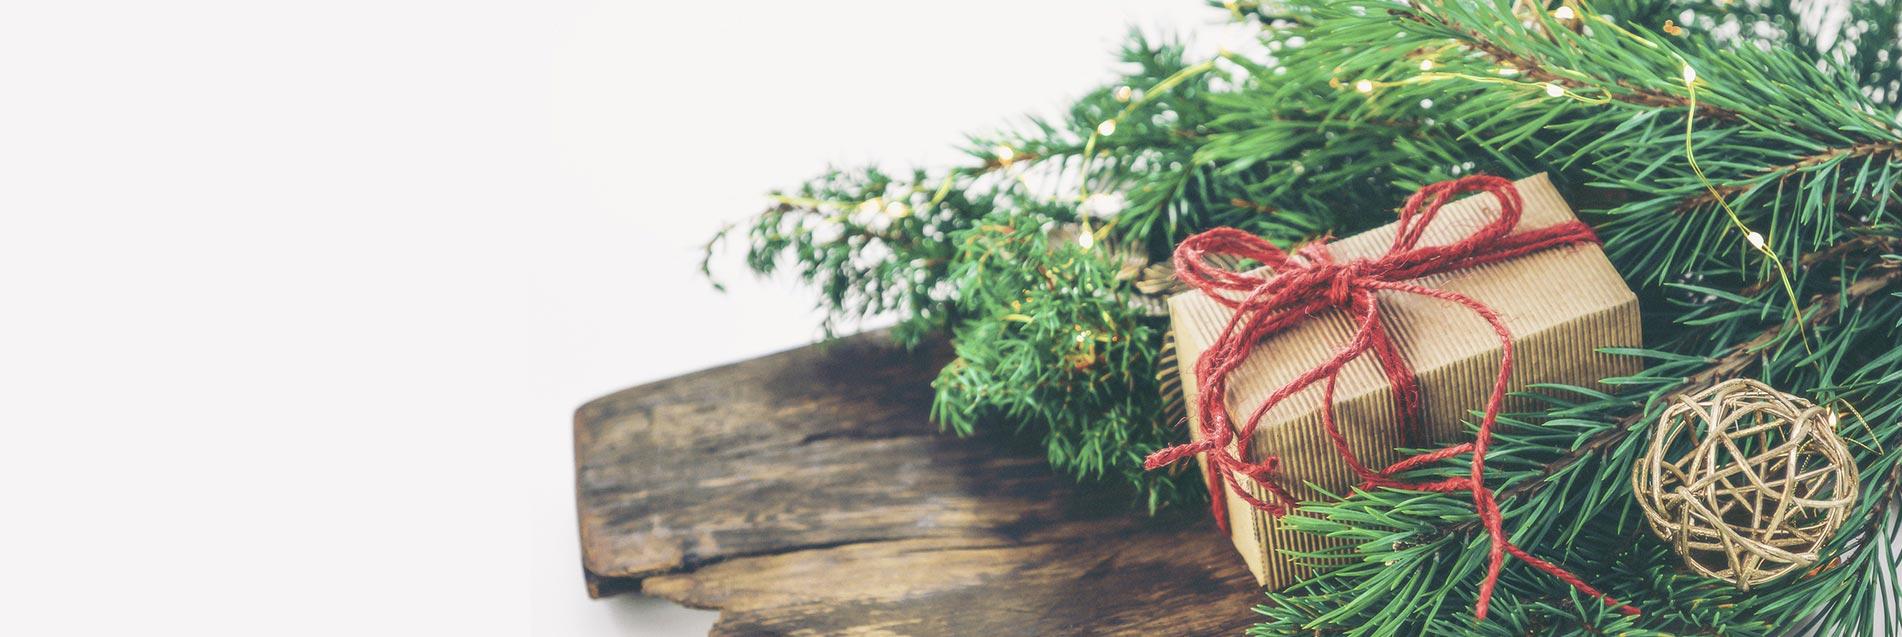 Günstige Gartenhäuser als Weihnachtsgeschenk